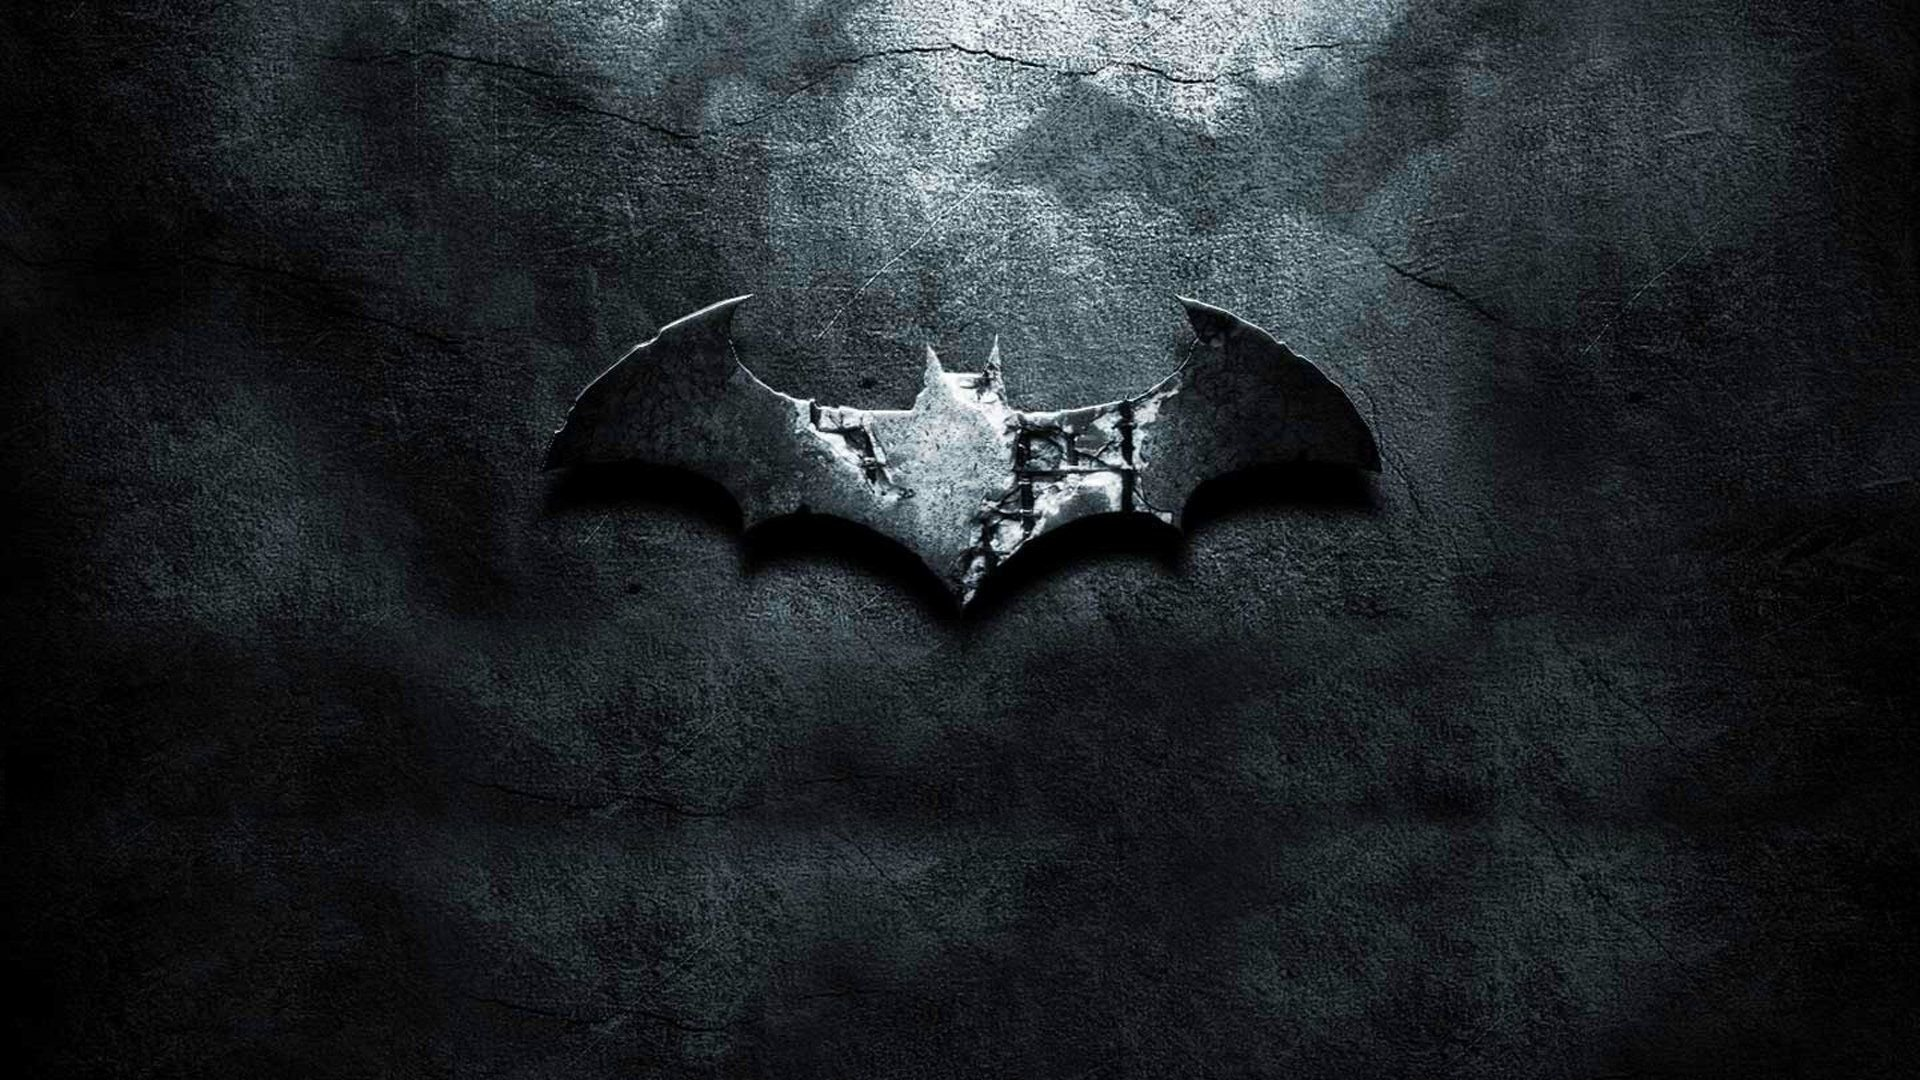 Batman Full HD Fondo De Pantalla And Fondo De Escritorio